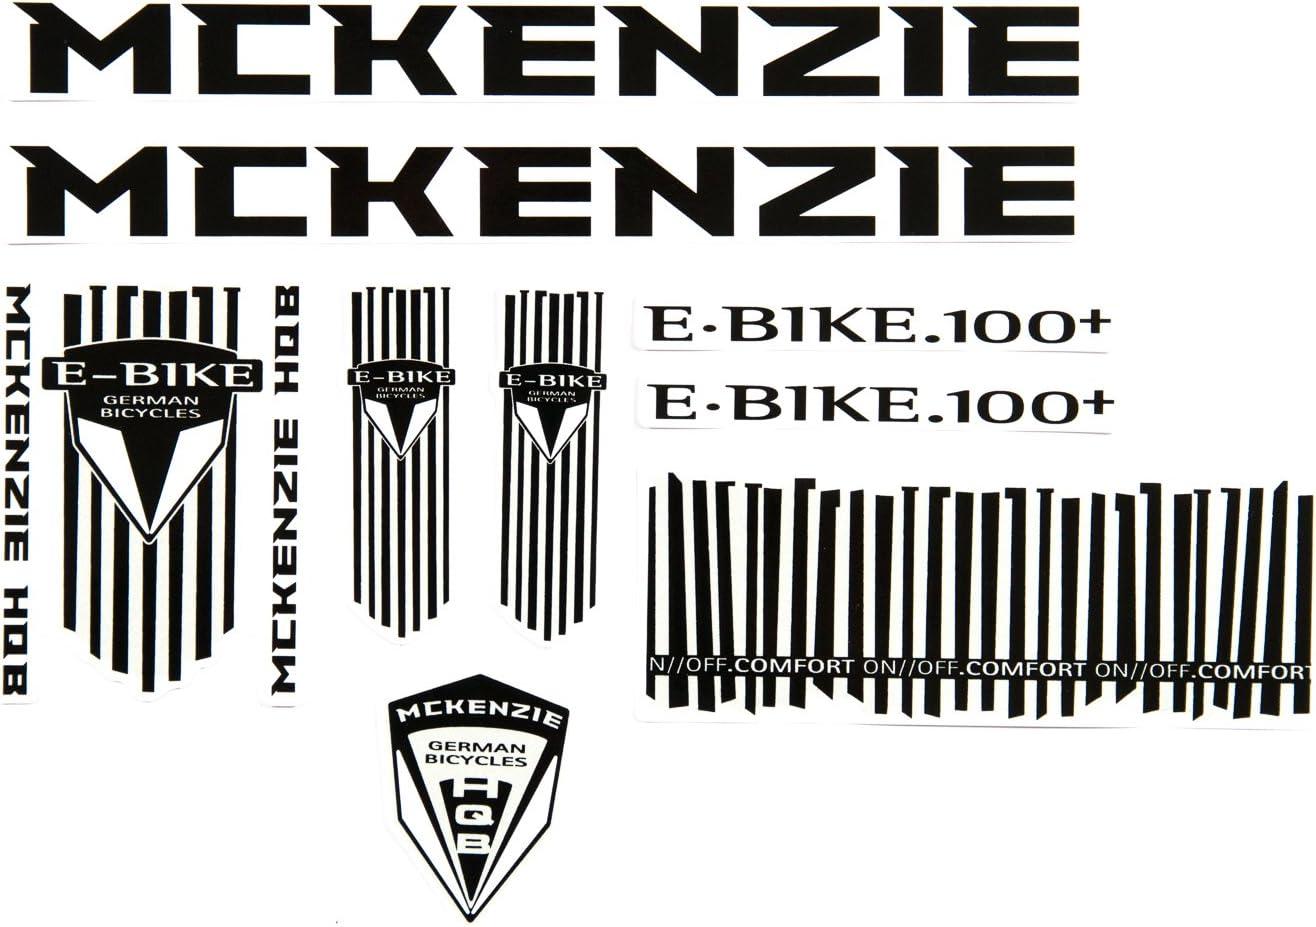 Fahrrad Dekor Satz Aufkleber Rahmen Frame Decal Sticker Mc Kenzie Schwarz Weiß Sport Freizeit